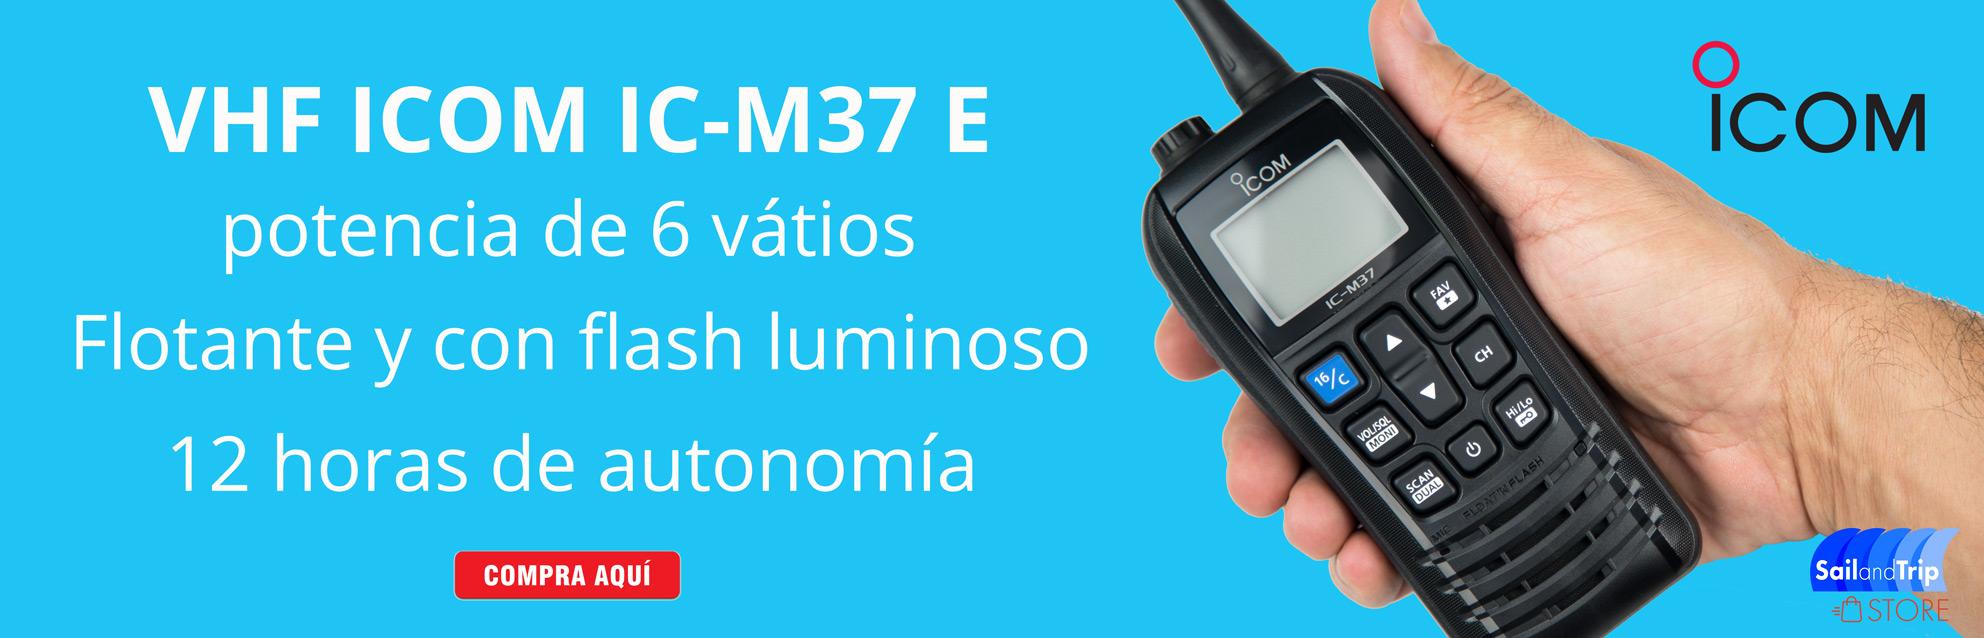 VHF ICOM IC-M37